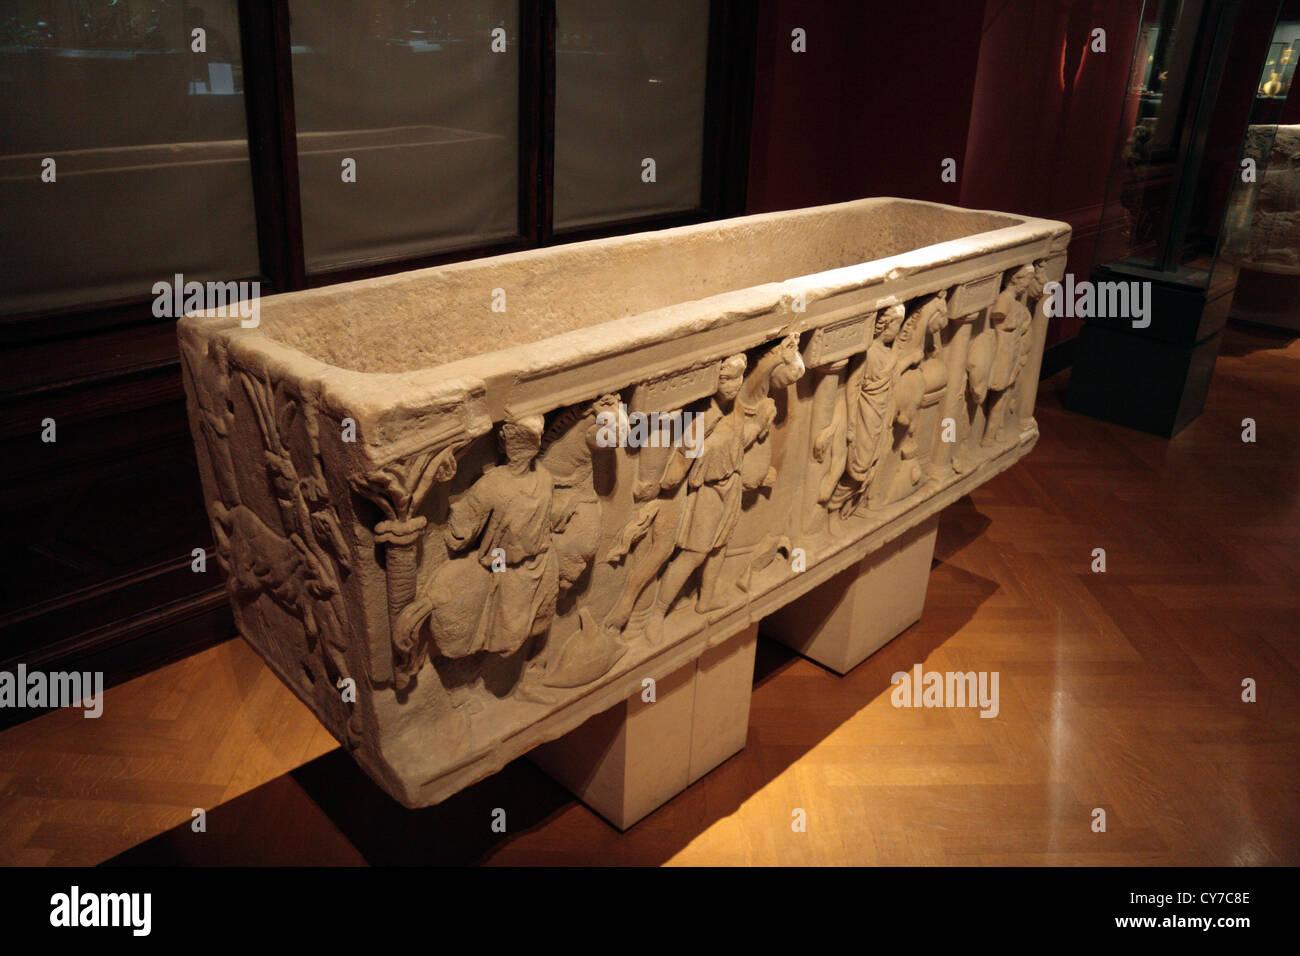 The Roman Sarkophag Eines Rennstallbesitzers in the Kunsthistorisches Museum in Vienna, Austria. - Stock Image